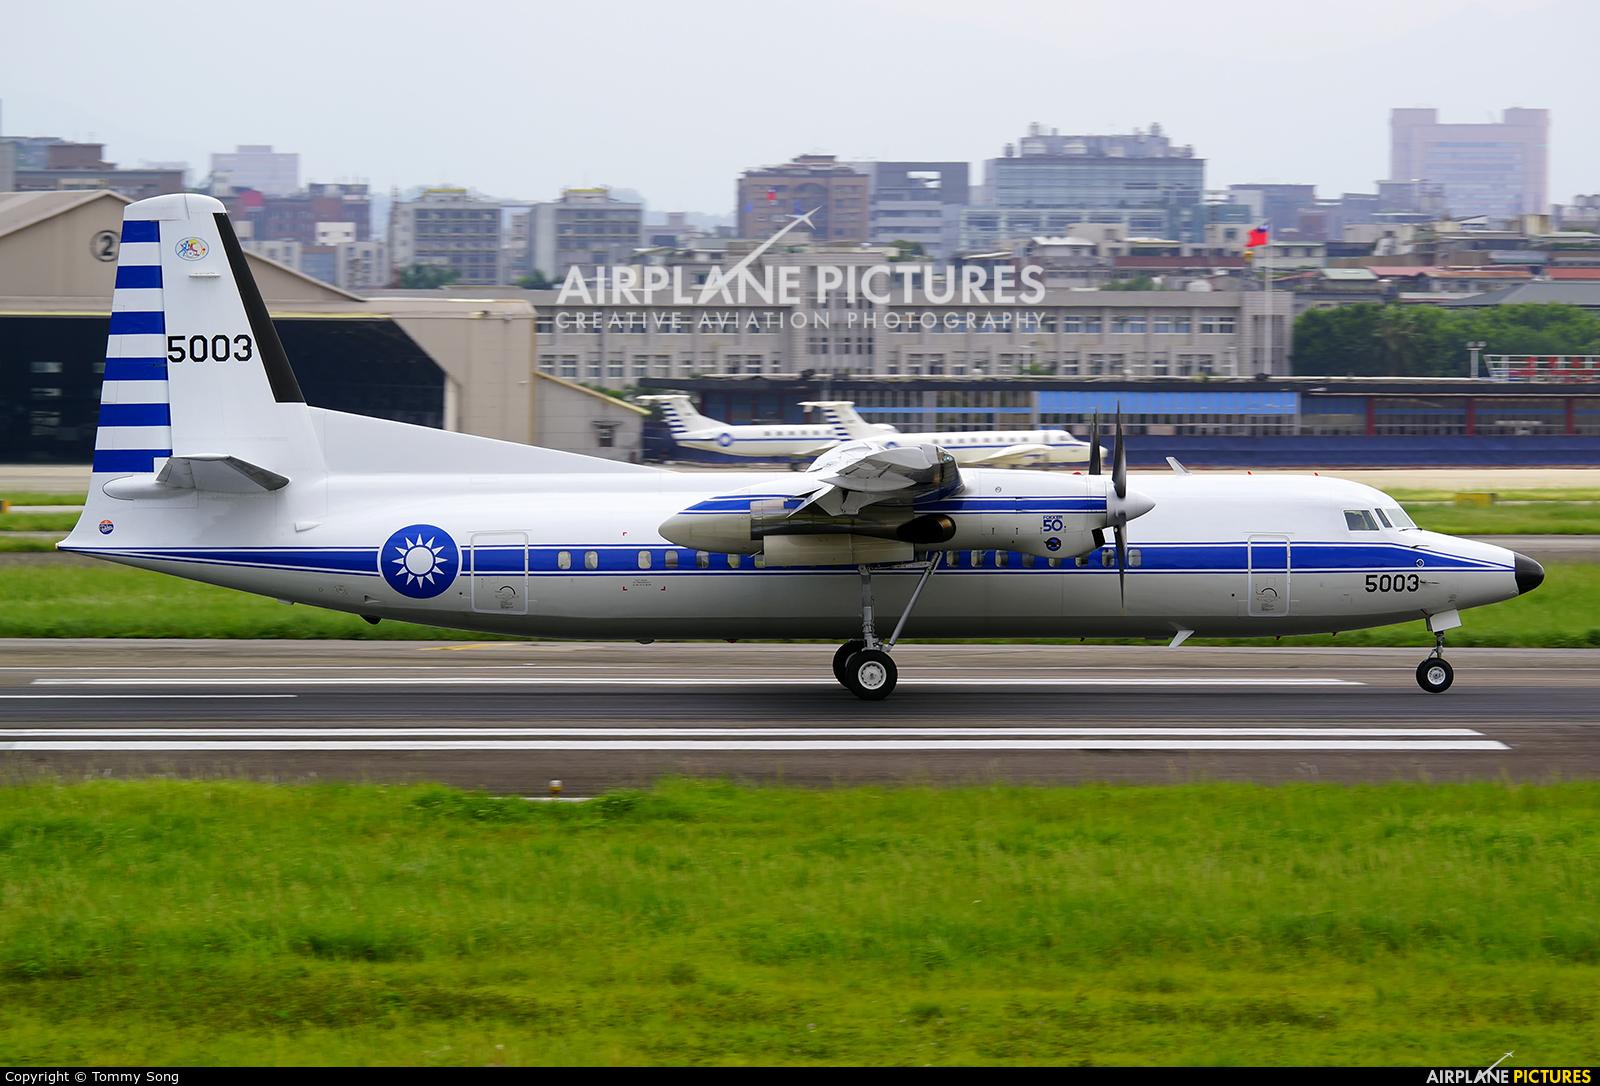 Taiwan - Air Force 5003 aircraft at Taipei Sung Shan/Songshan Airport